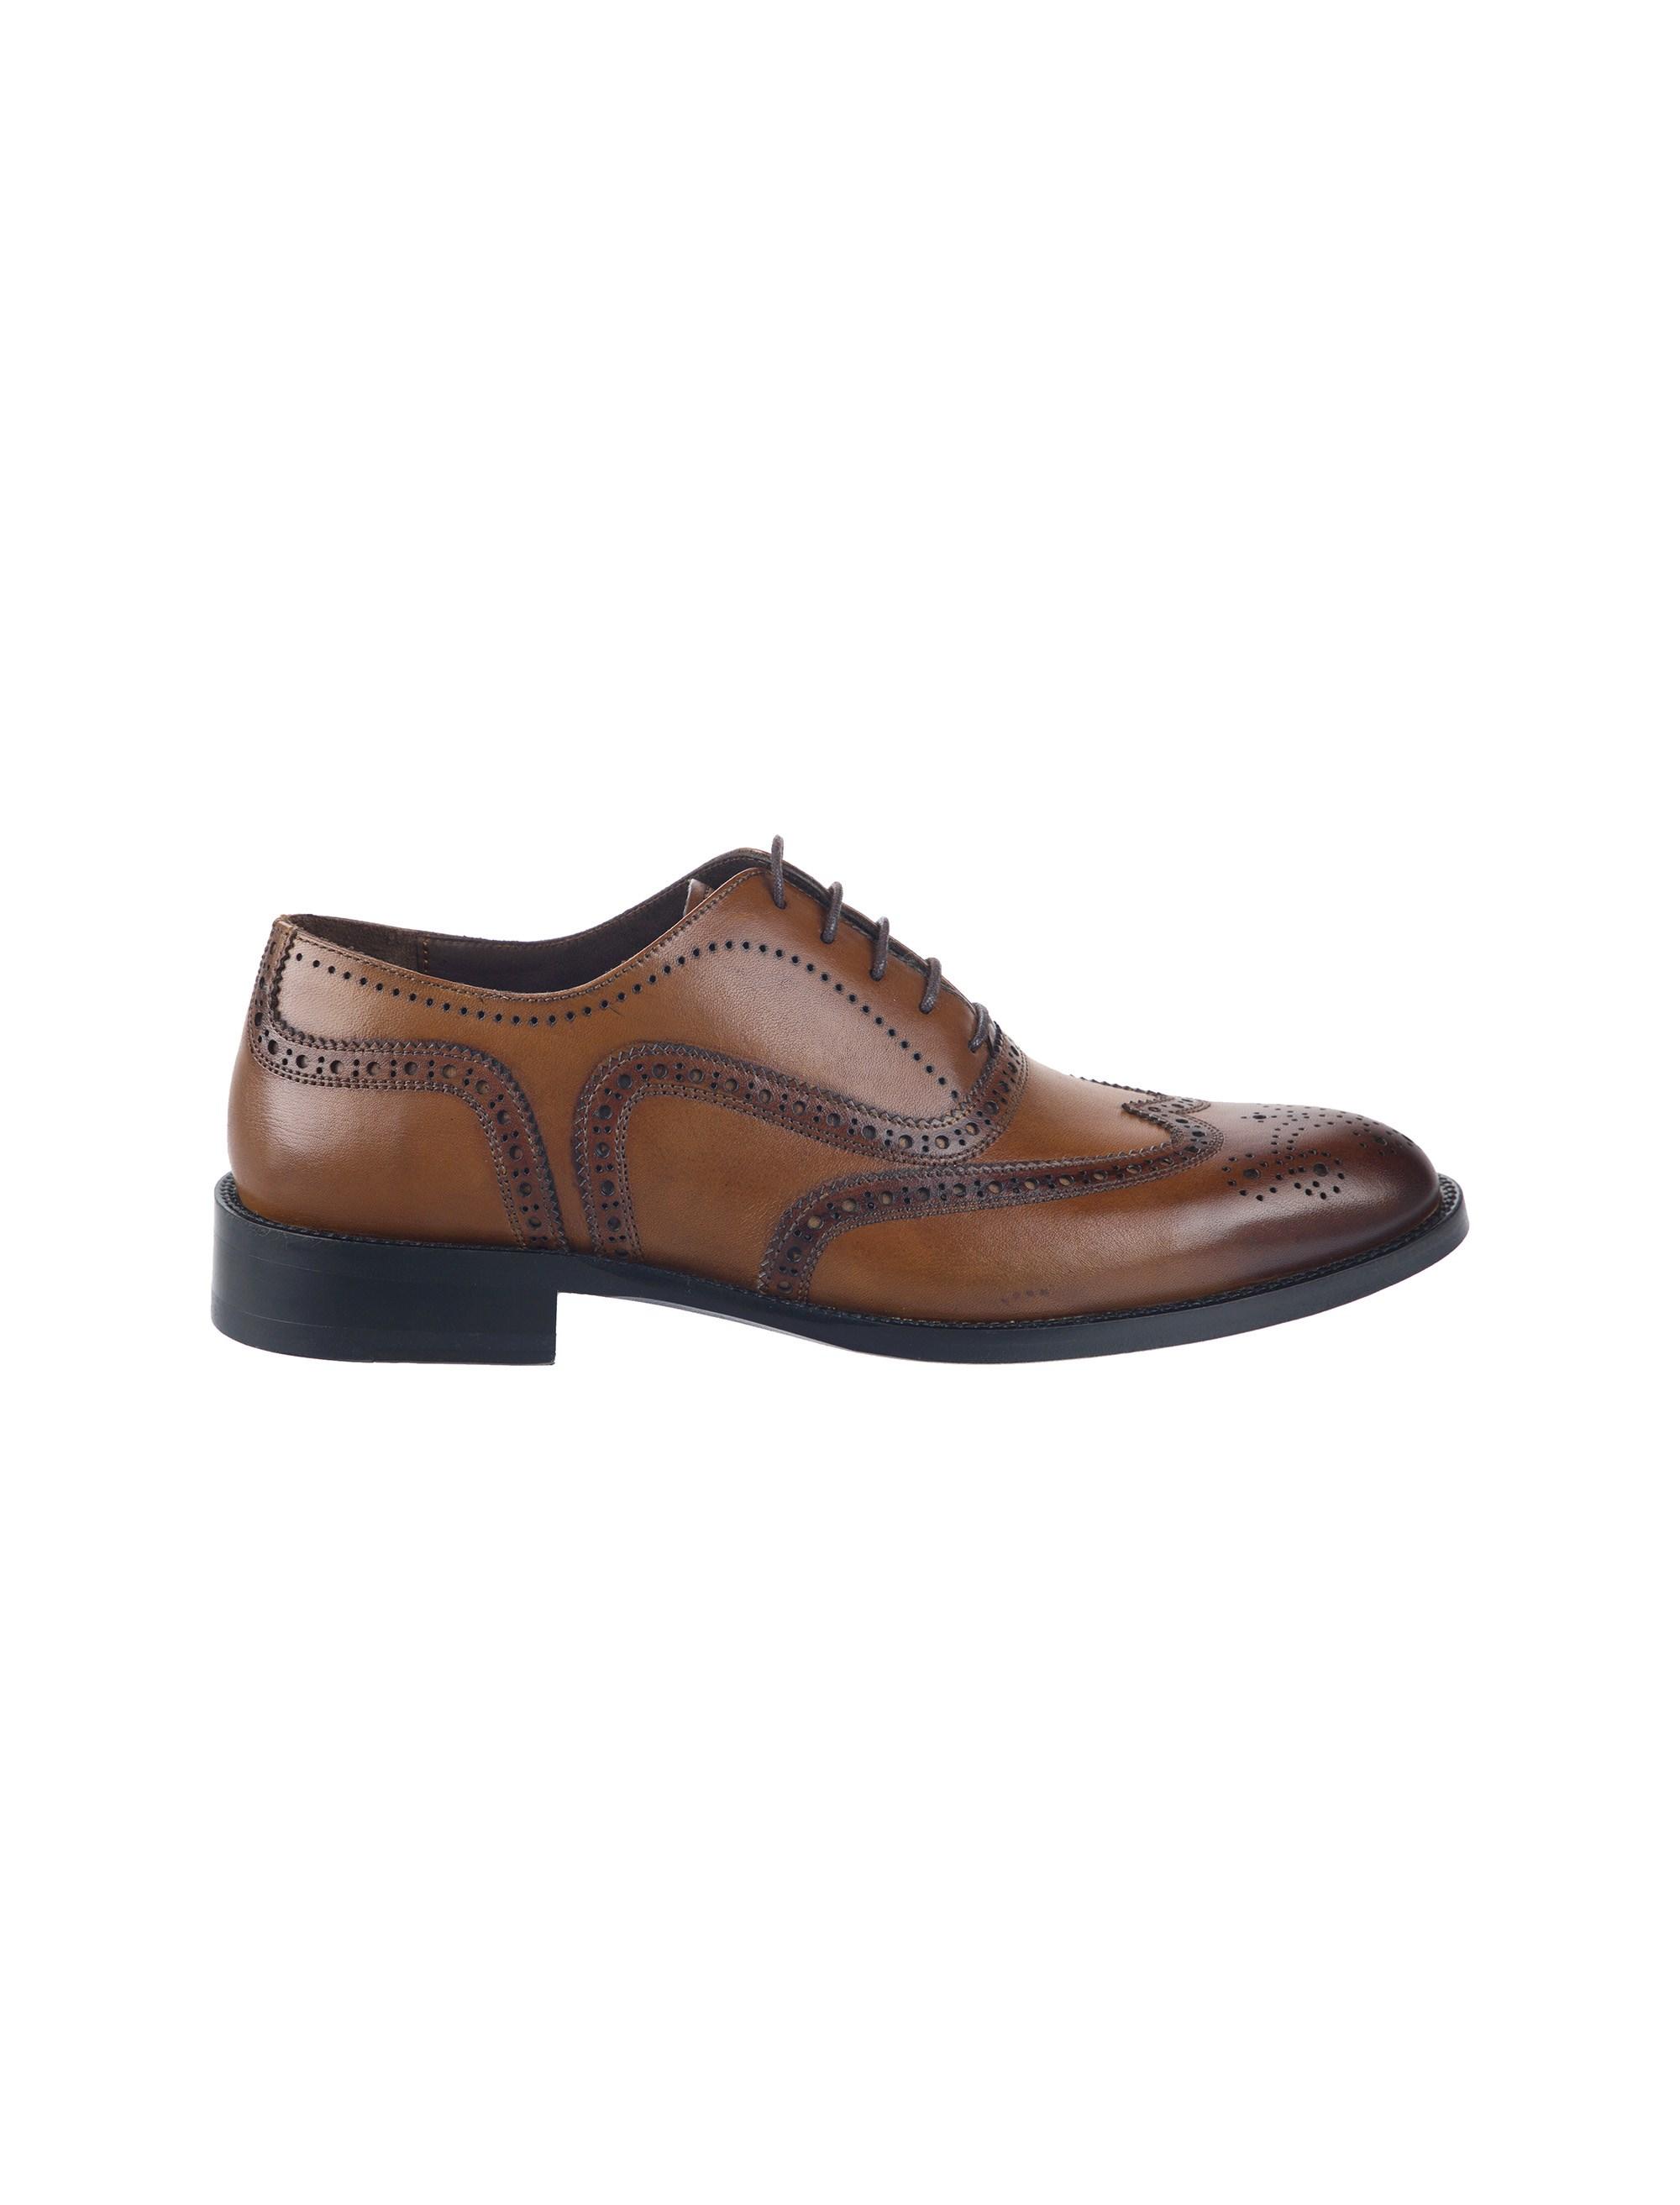 کفش چرم رسمی مردانه - درسا